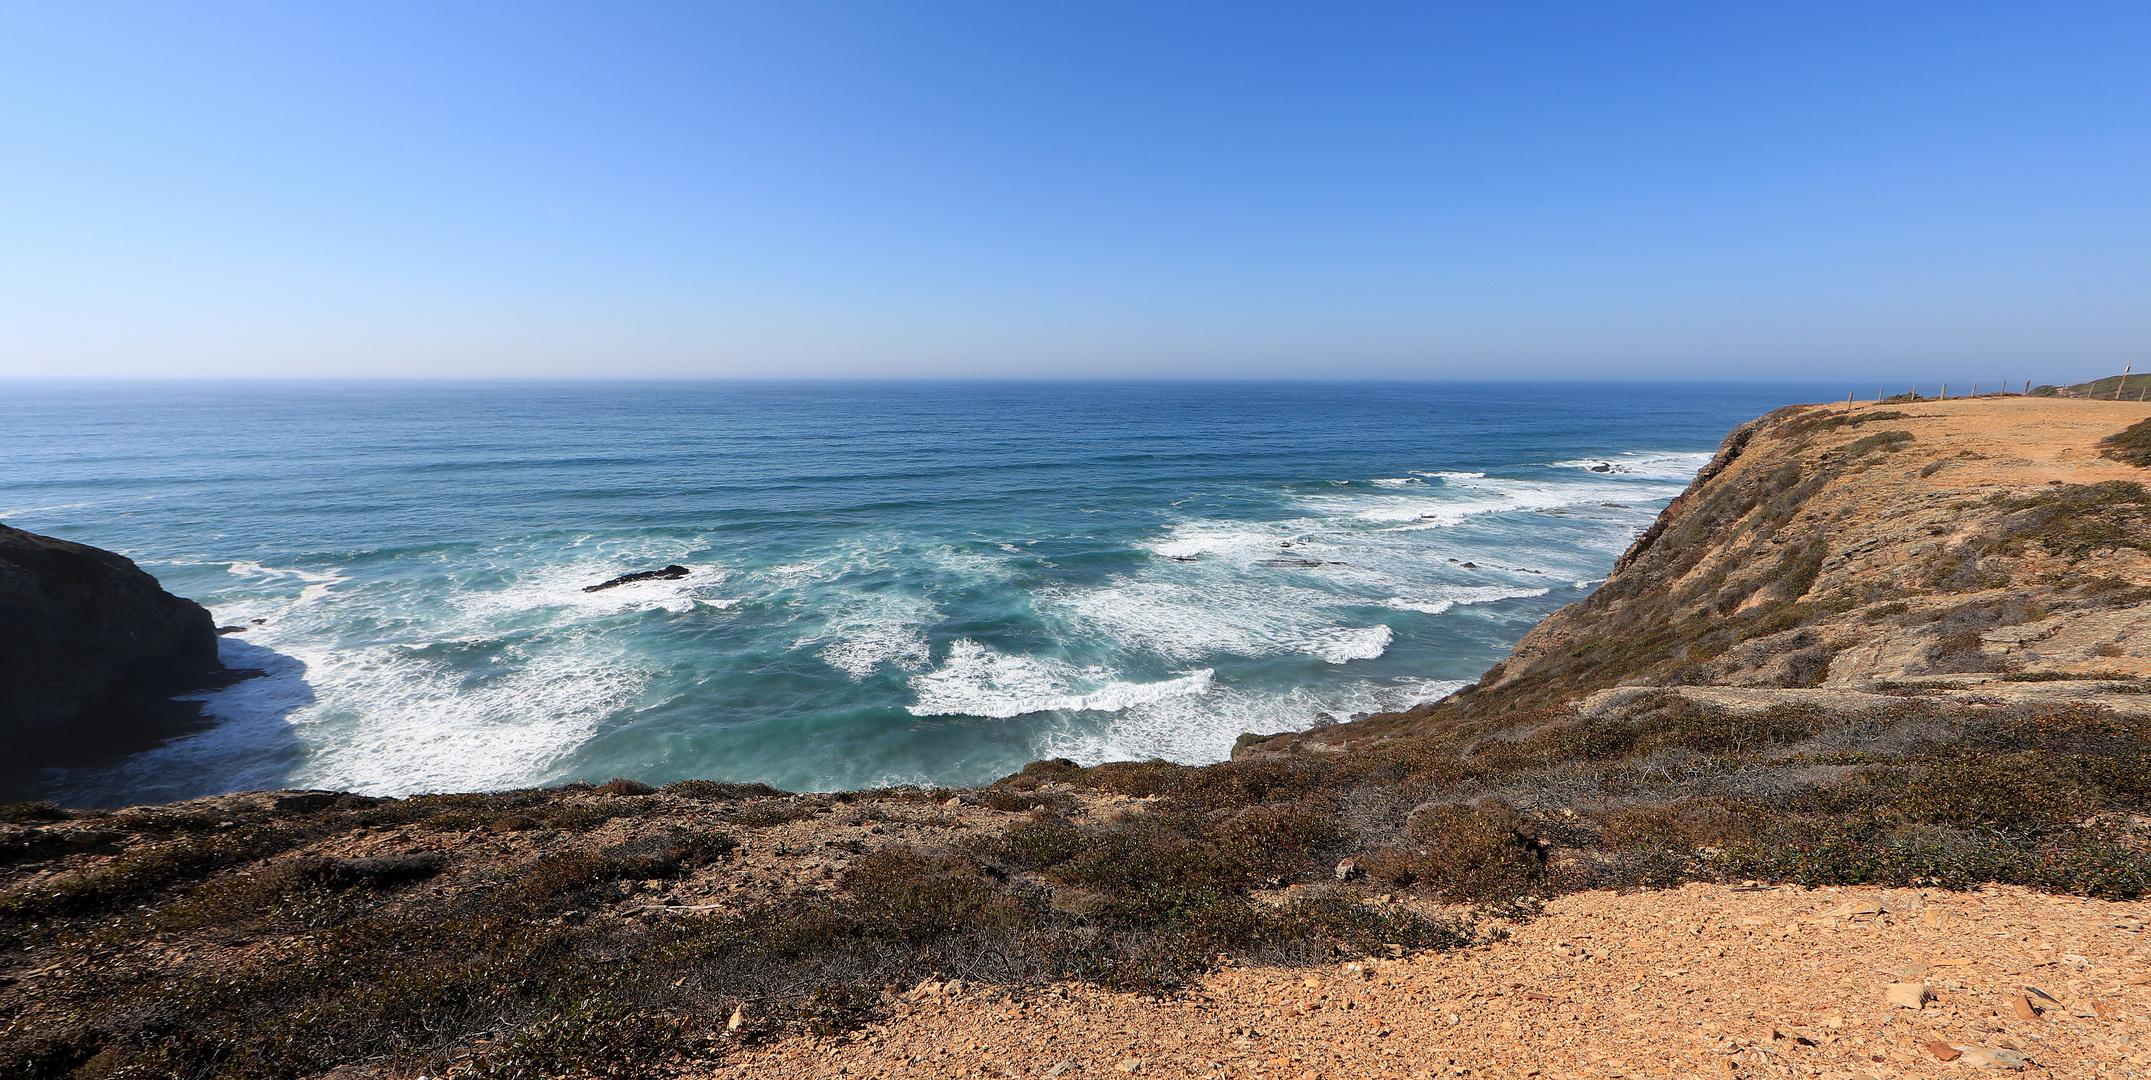 Praia da Esteveira